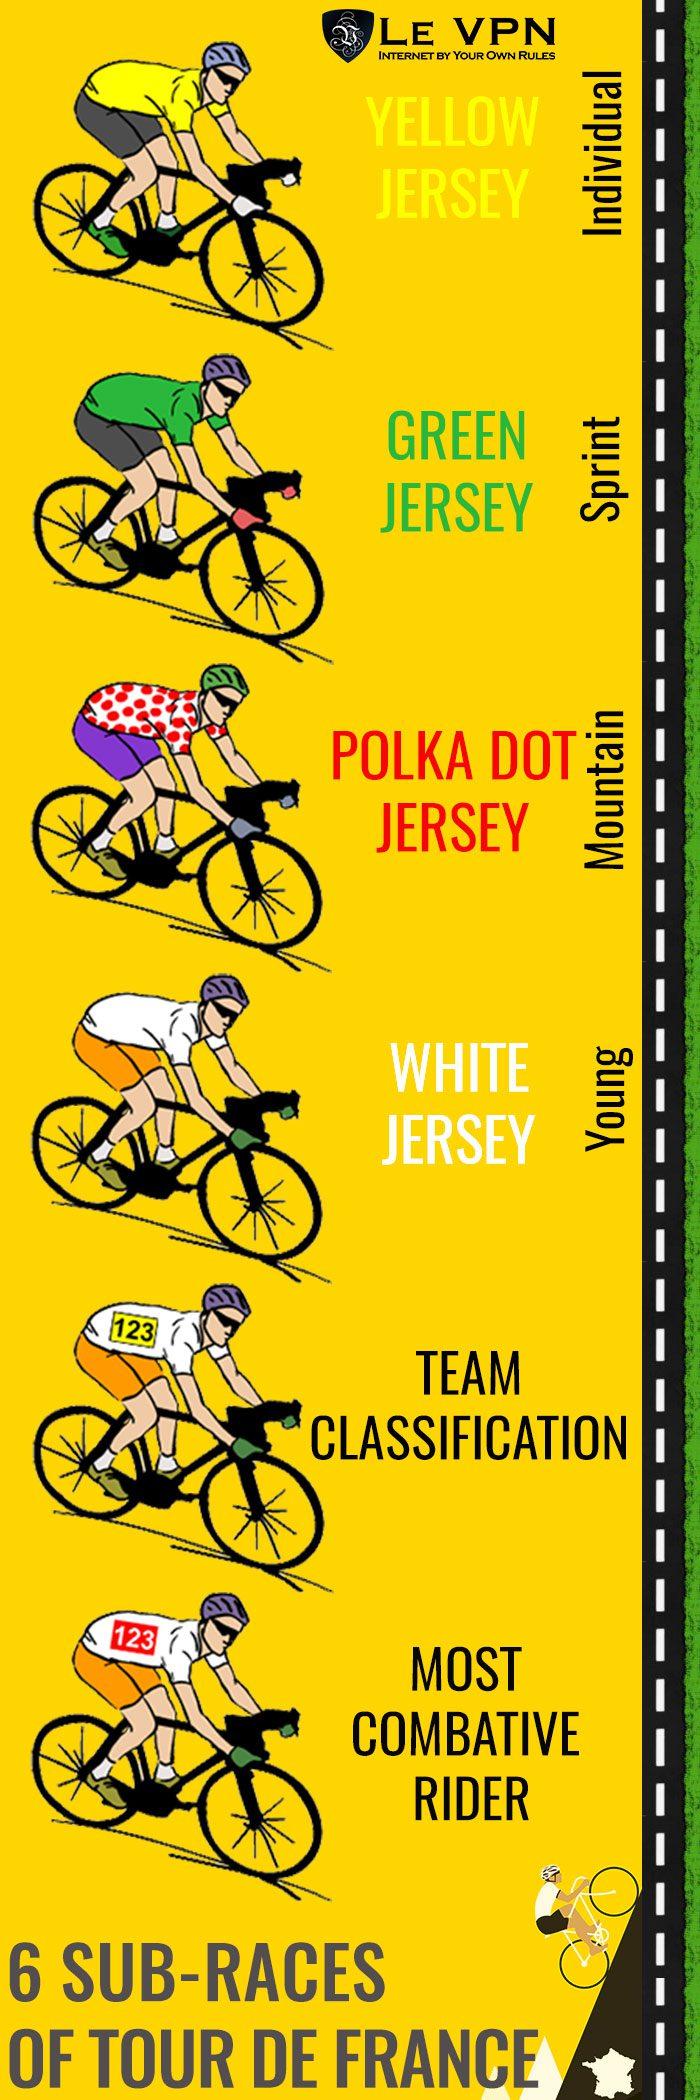 The 6 sub-races of Tour de France | Le VPN